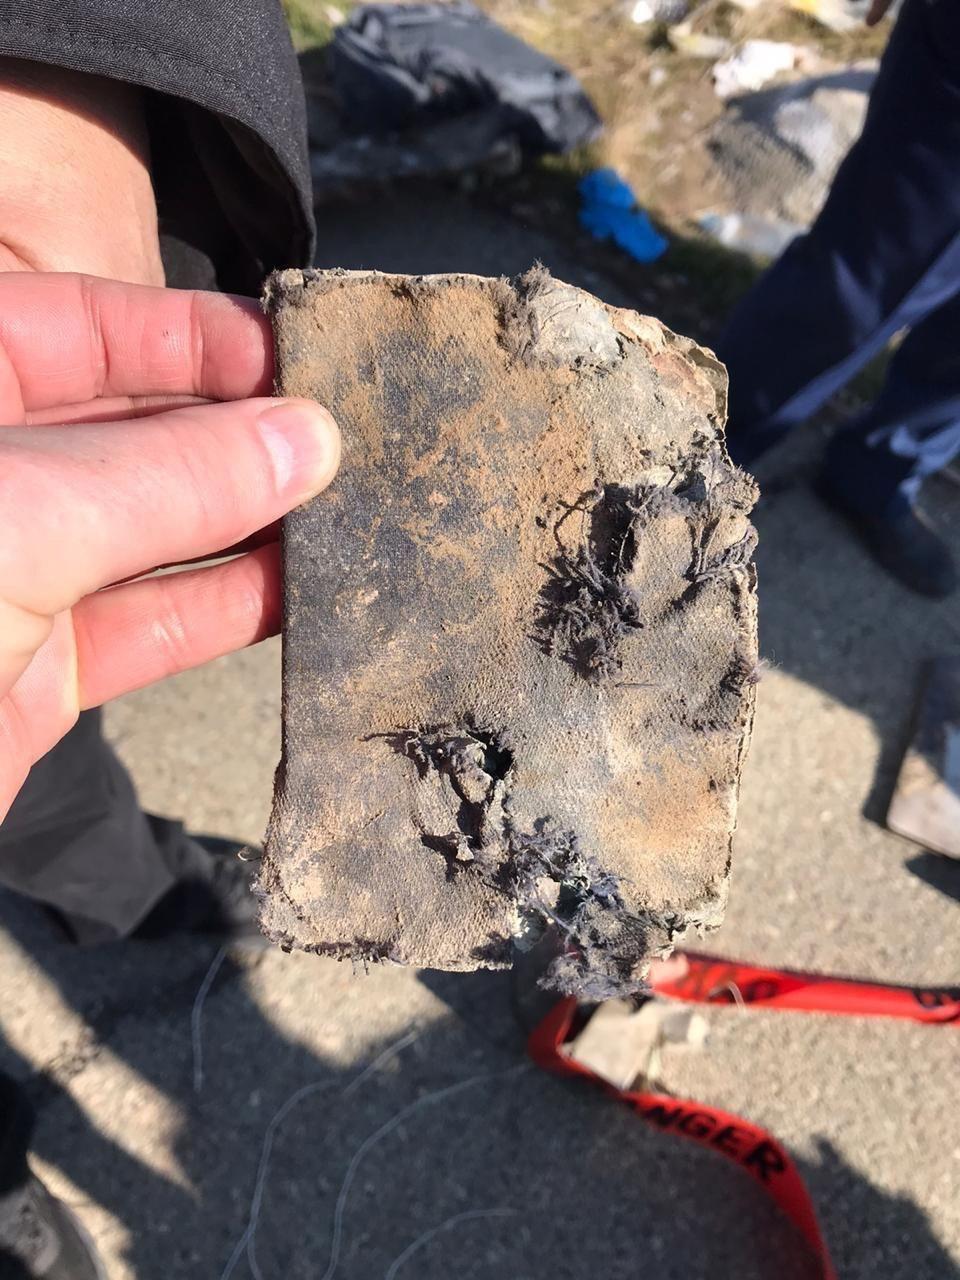 Трагедия со 176 погибшими: появилось видео запуска ракеты, сбившей самолет. Новости Украины